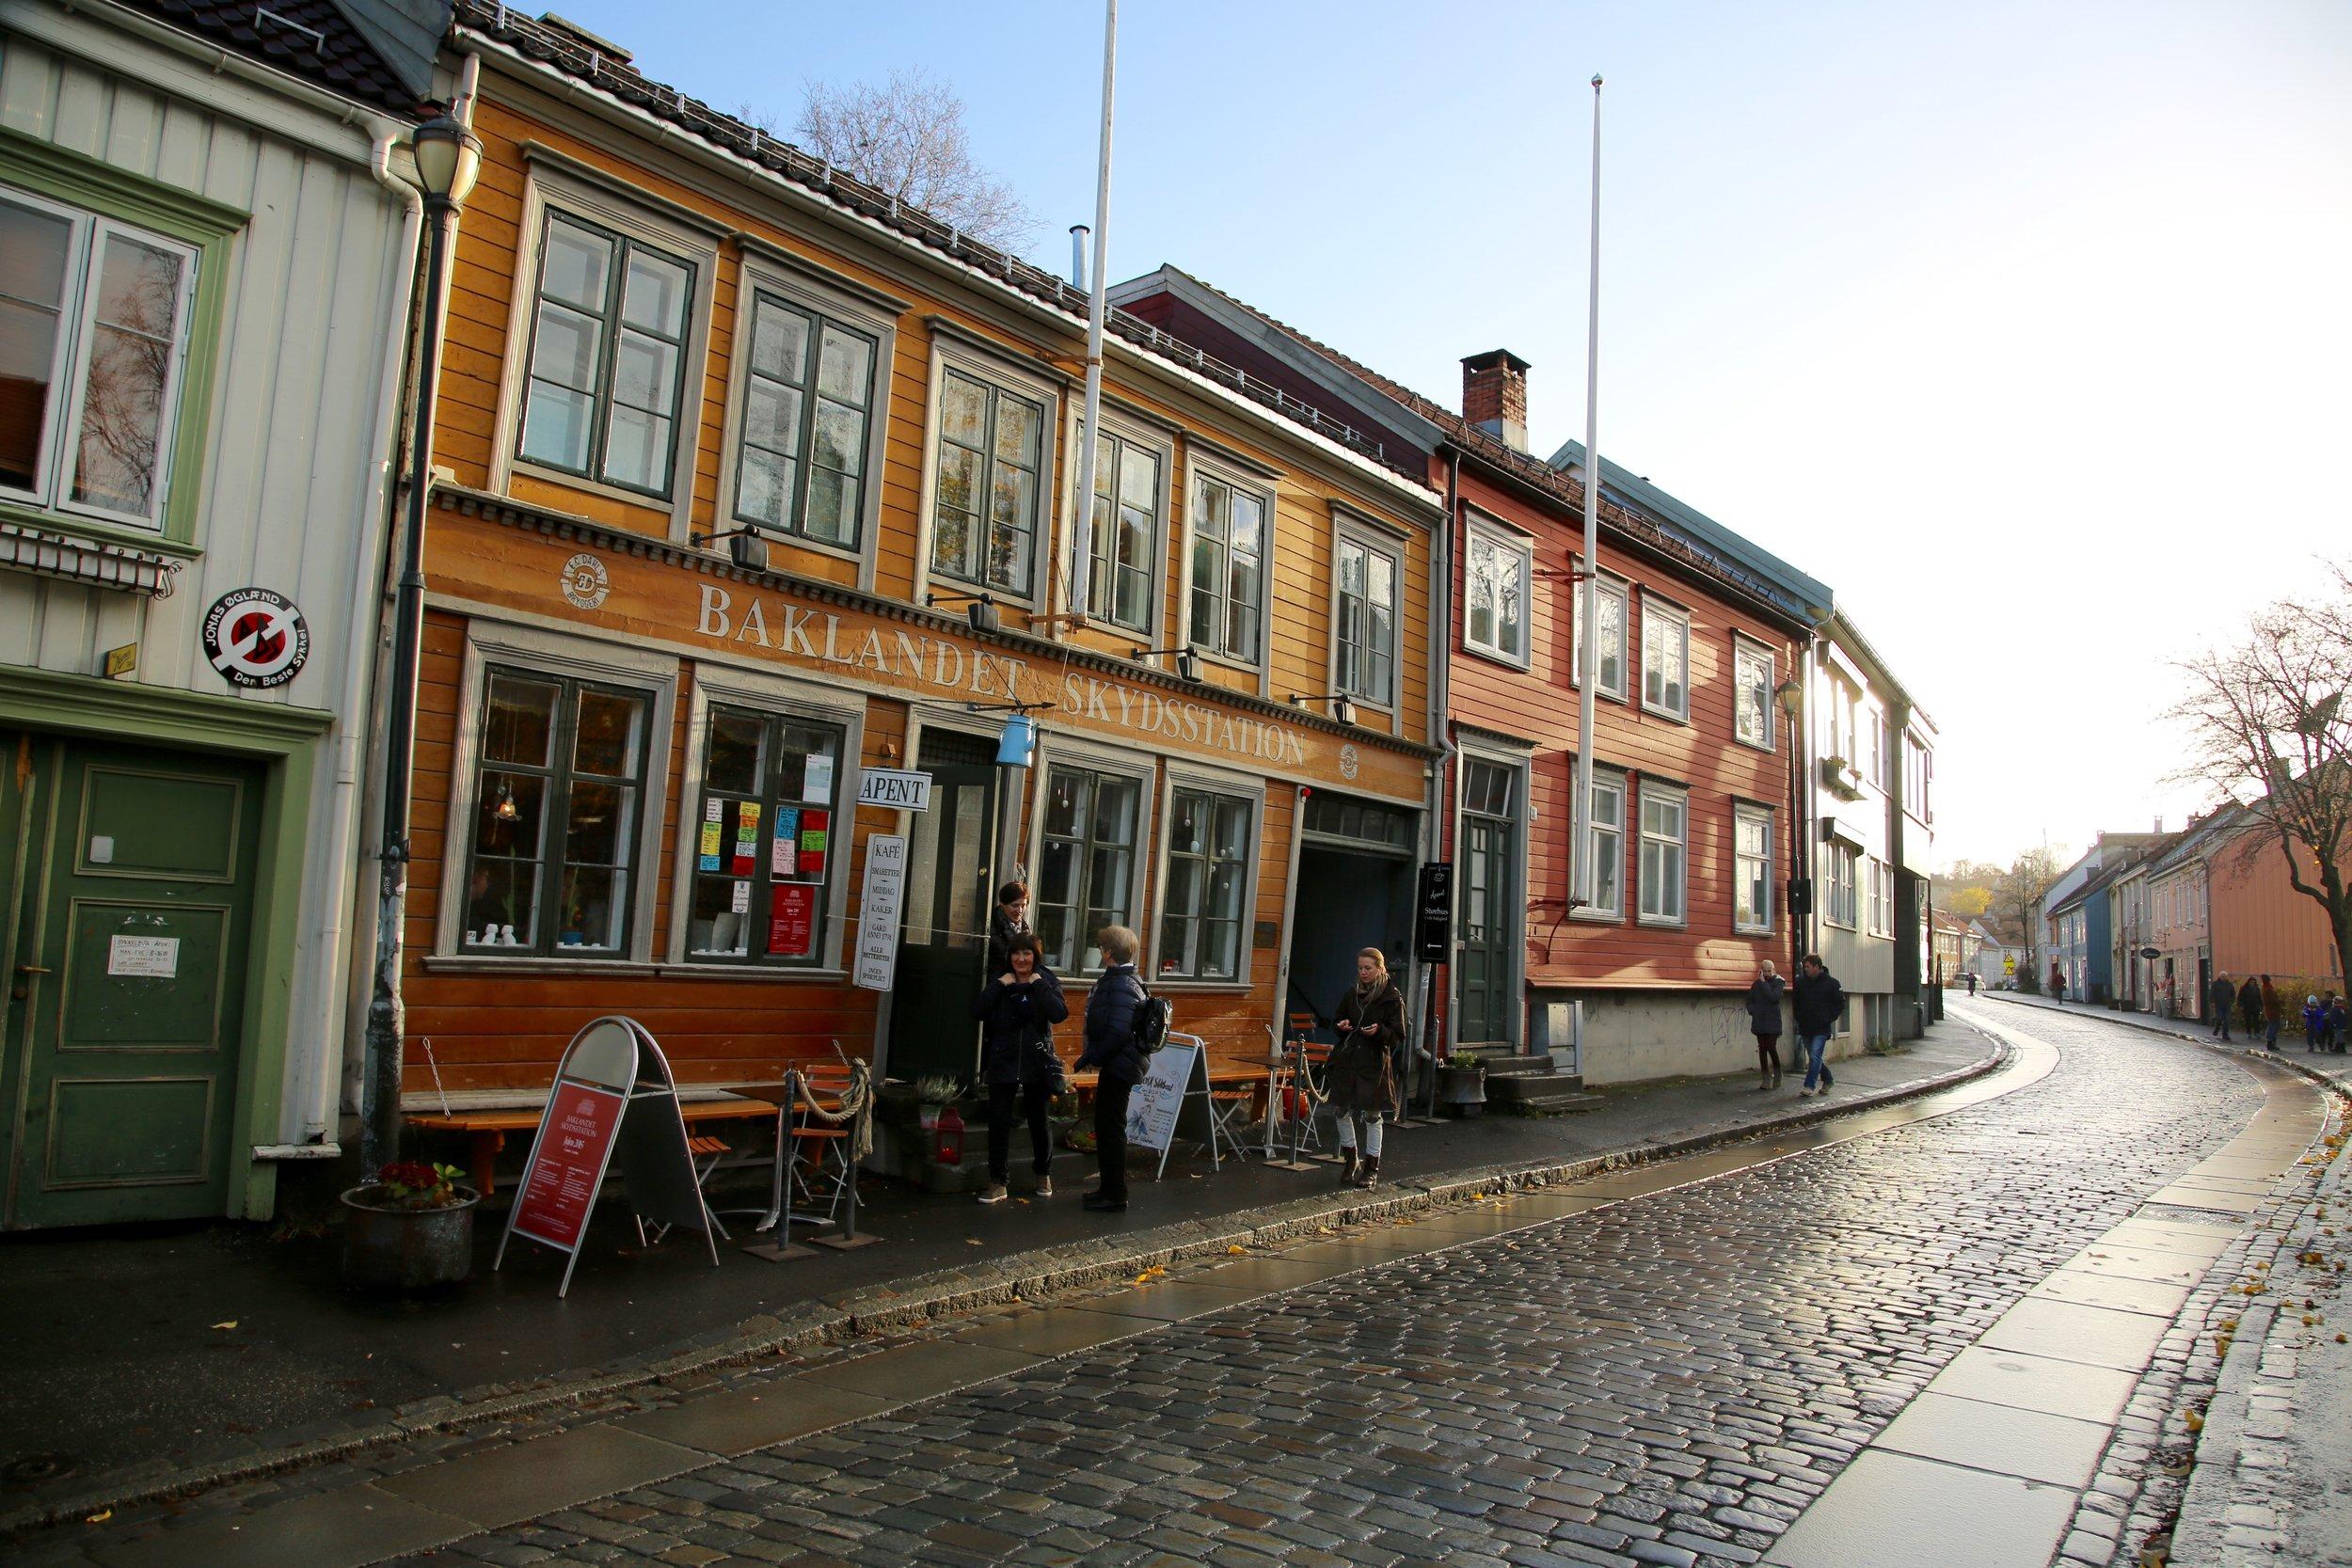 Legg lunsjturen til Bakklandet. Foto: Odd Roar Lange